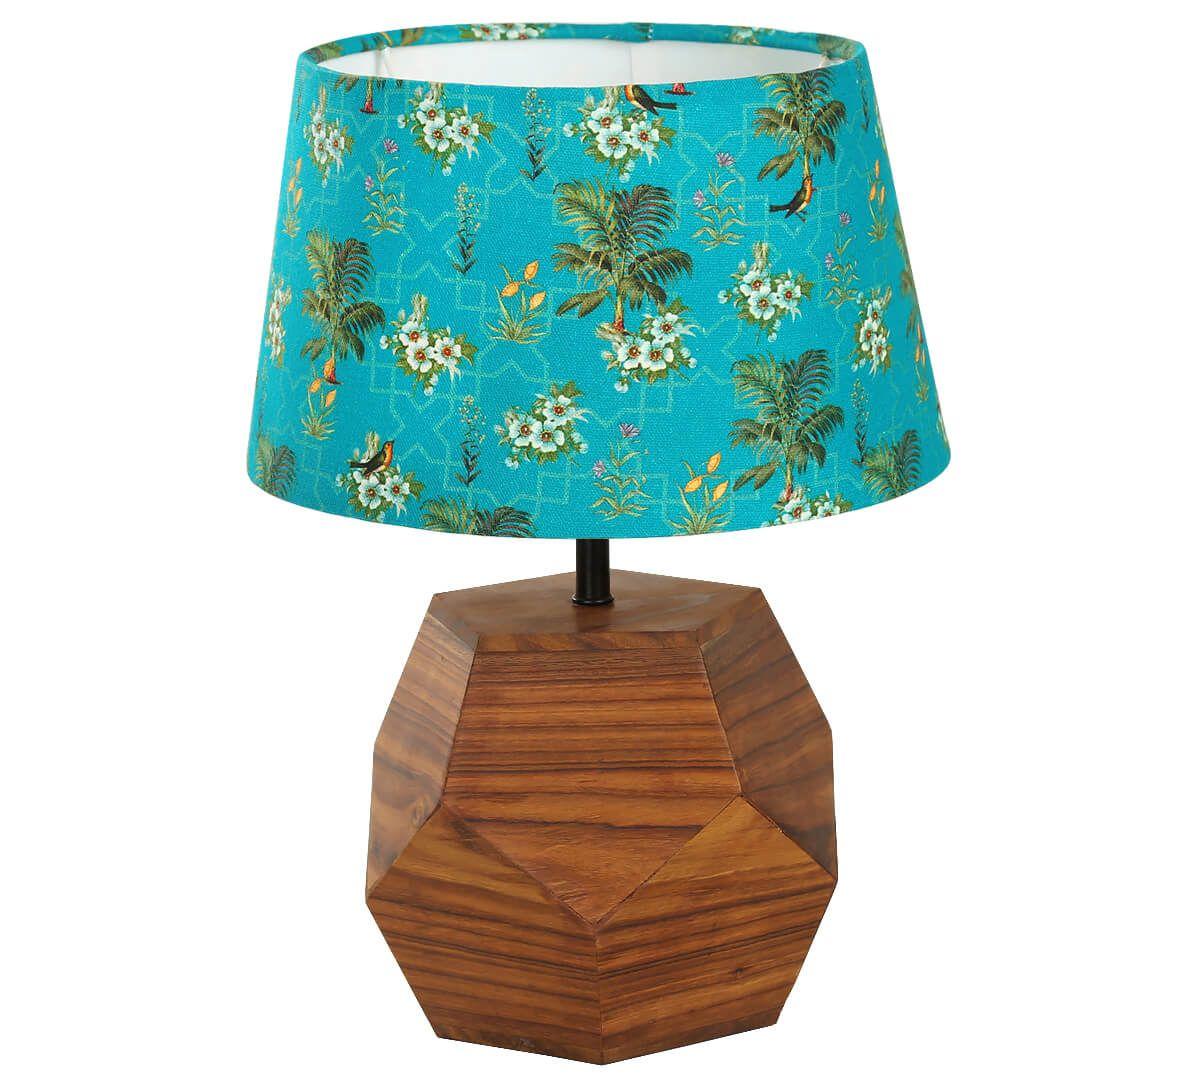 India Circus Robin Bird Park Hexagonal Lamp Shade